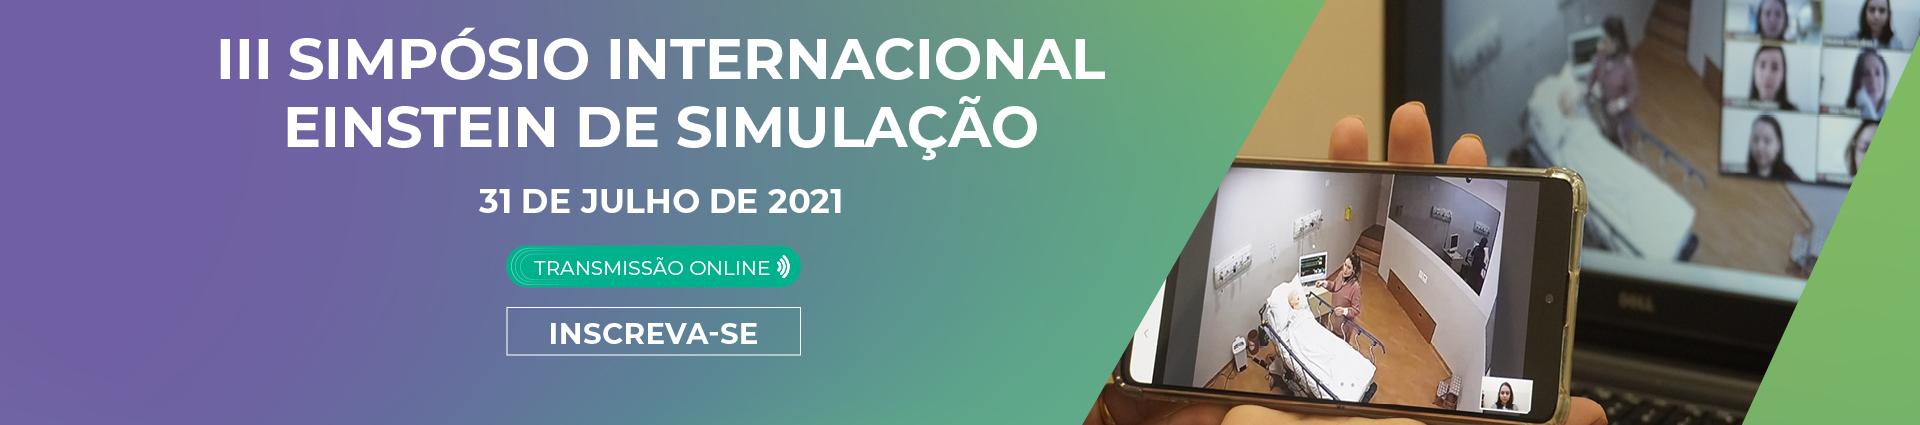 Banner_Evento_Simulação